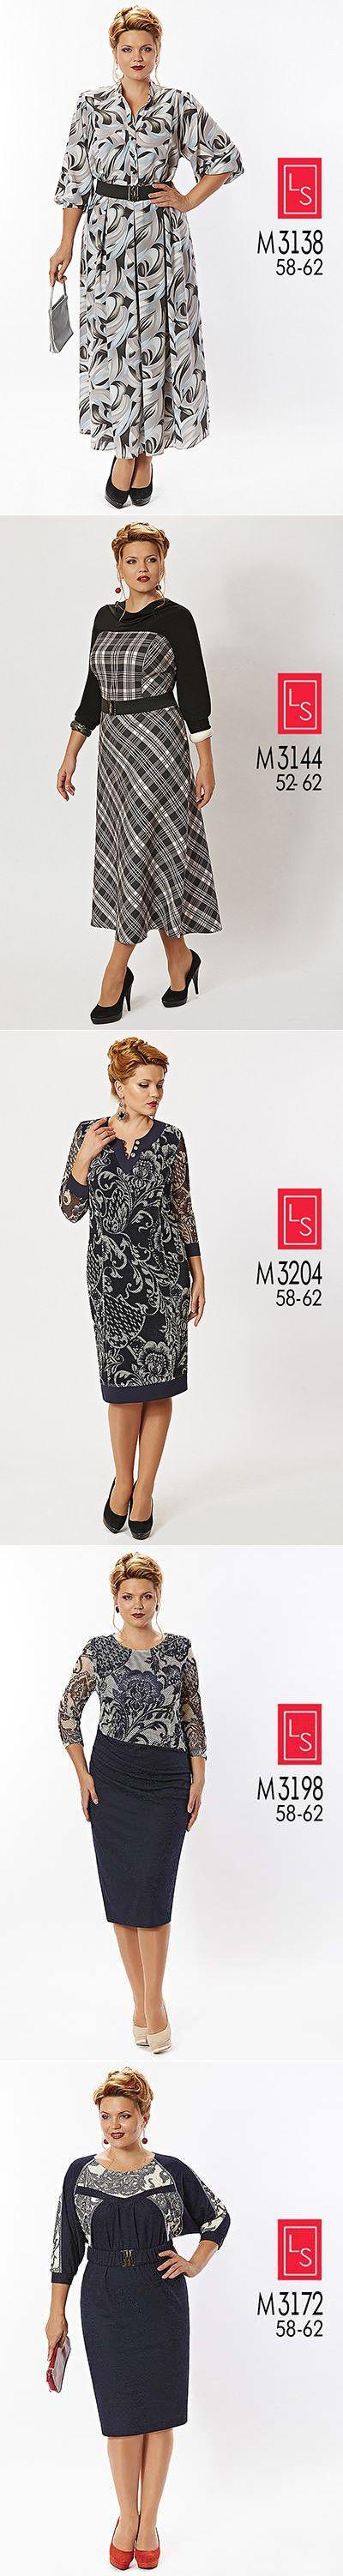 Платья для полных модниц белорусского бренда Lady Secret. Осень 2014 | Полная модница